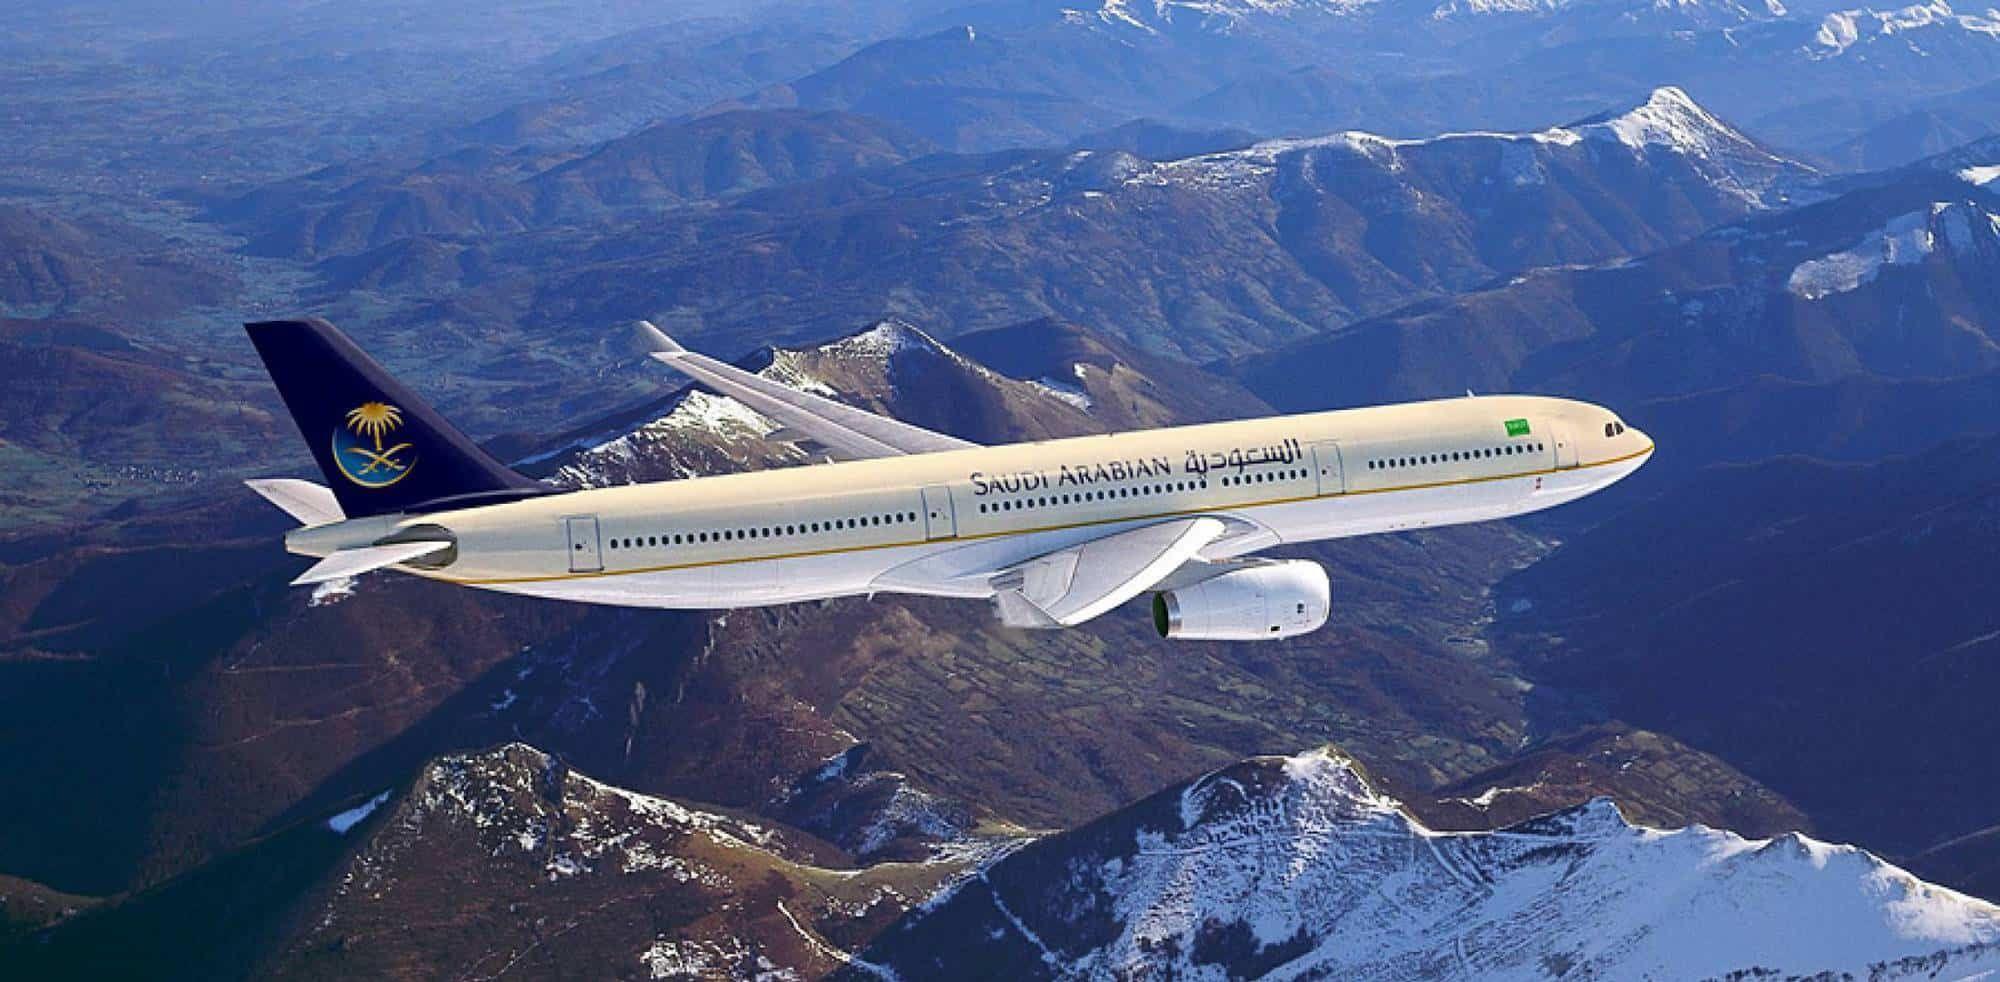 استمتع باجمل ترفيه علي درجات سفر الخطوط السعودية Passenger Passenger Jet Travel